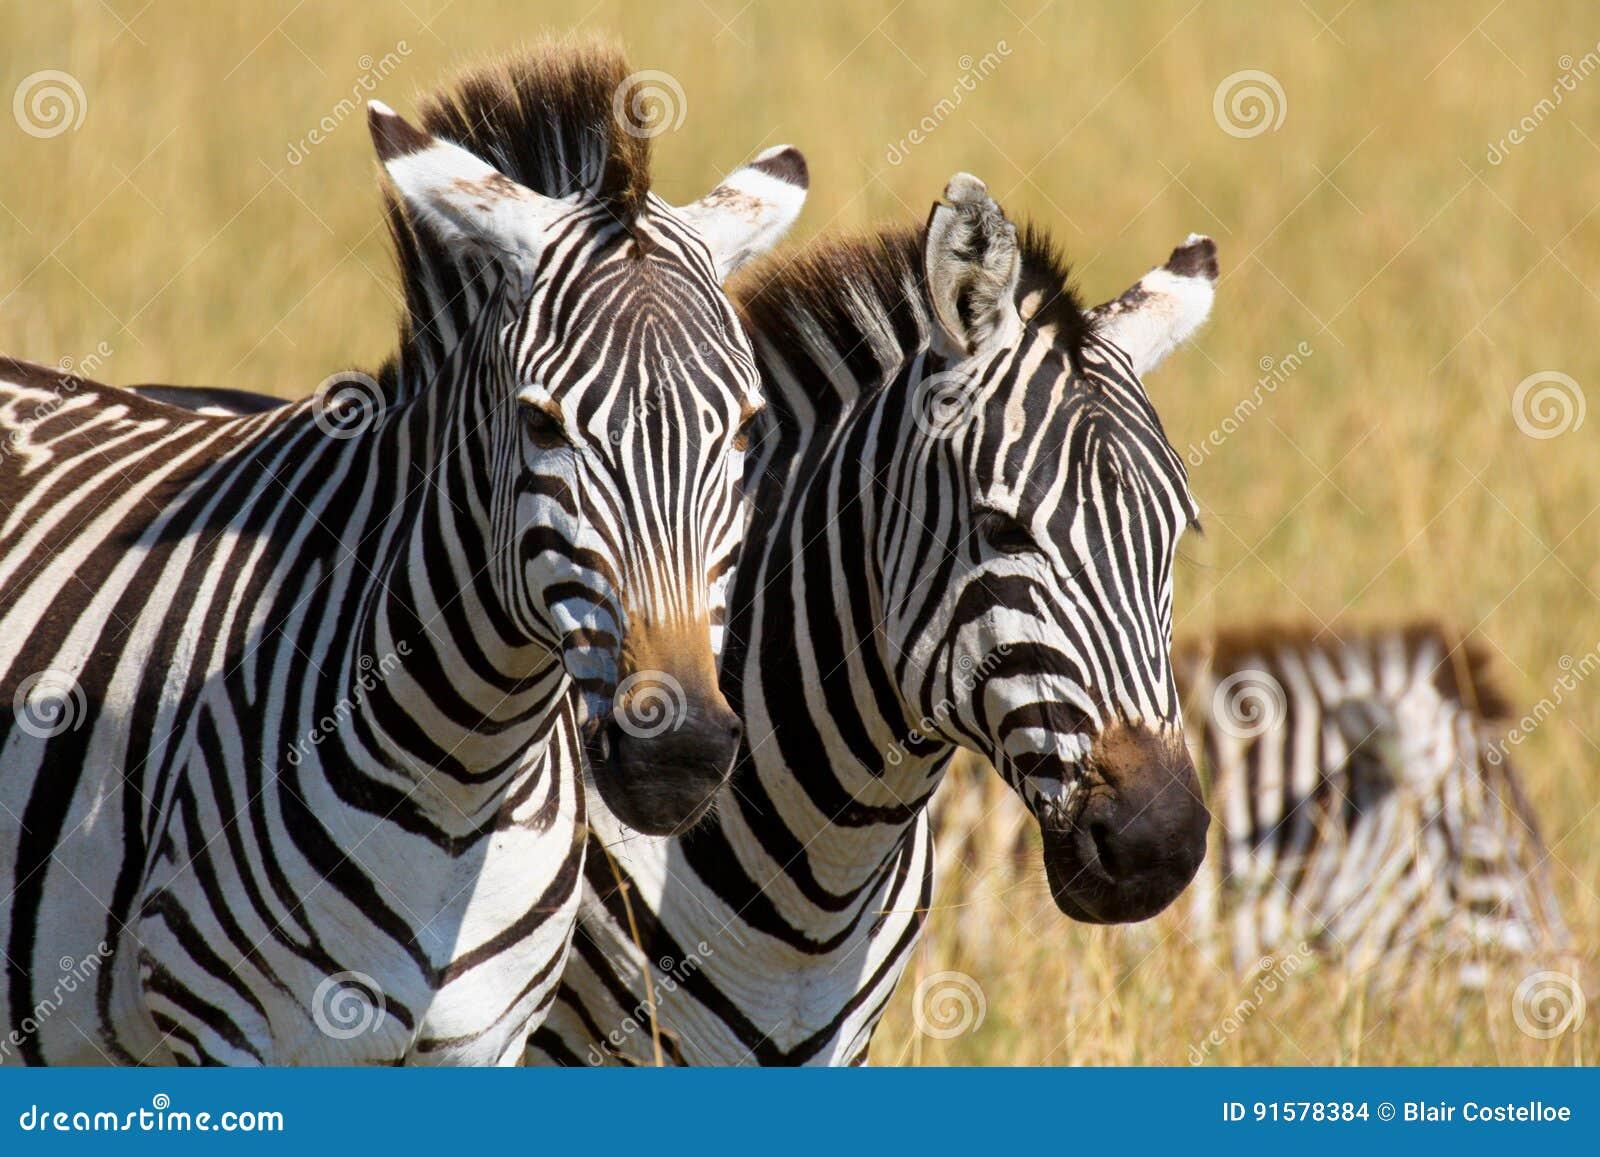 Ritratto di una coppia le zebre delle pianure